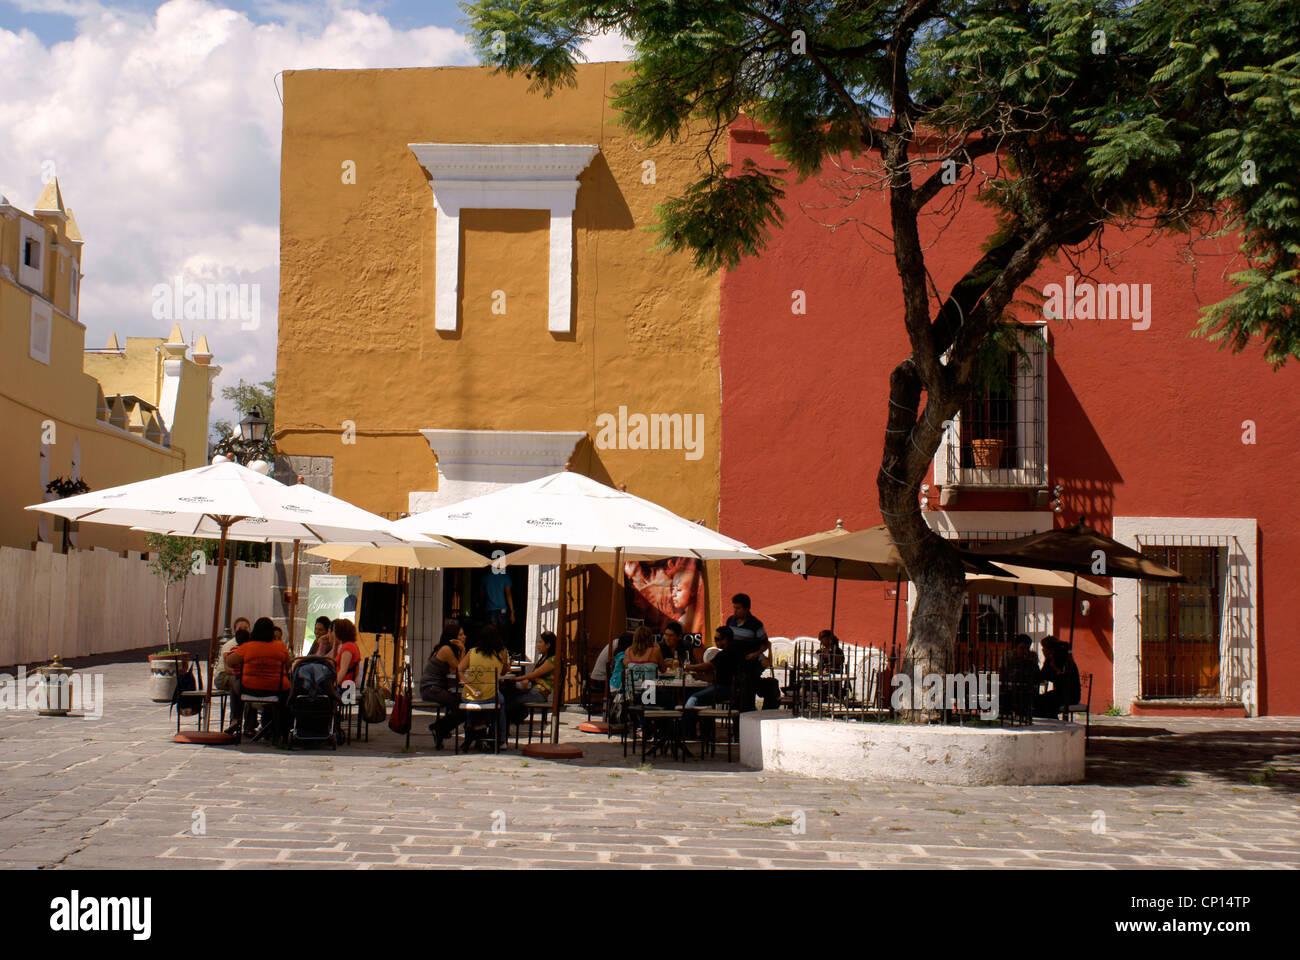 La gente in un cafe' all'aperto nel Barrio del Artista nella città di Puebla, Messico Immagini Stock